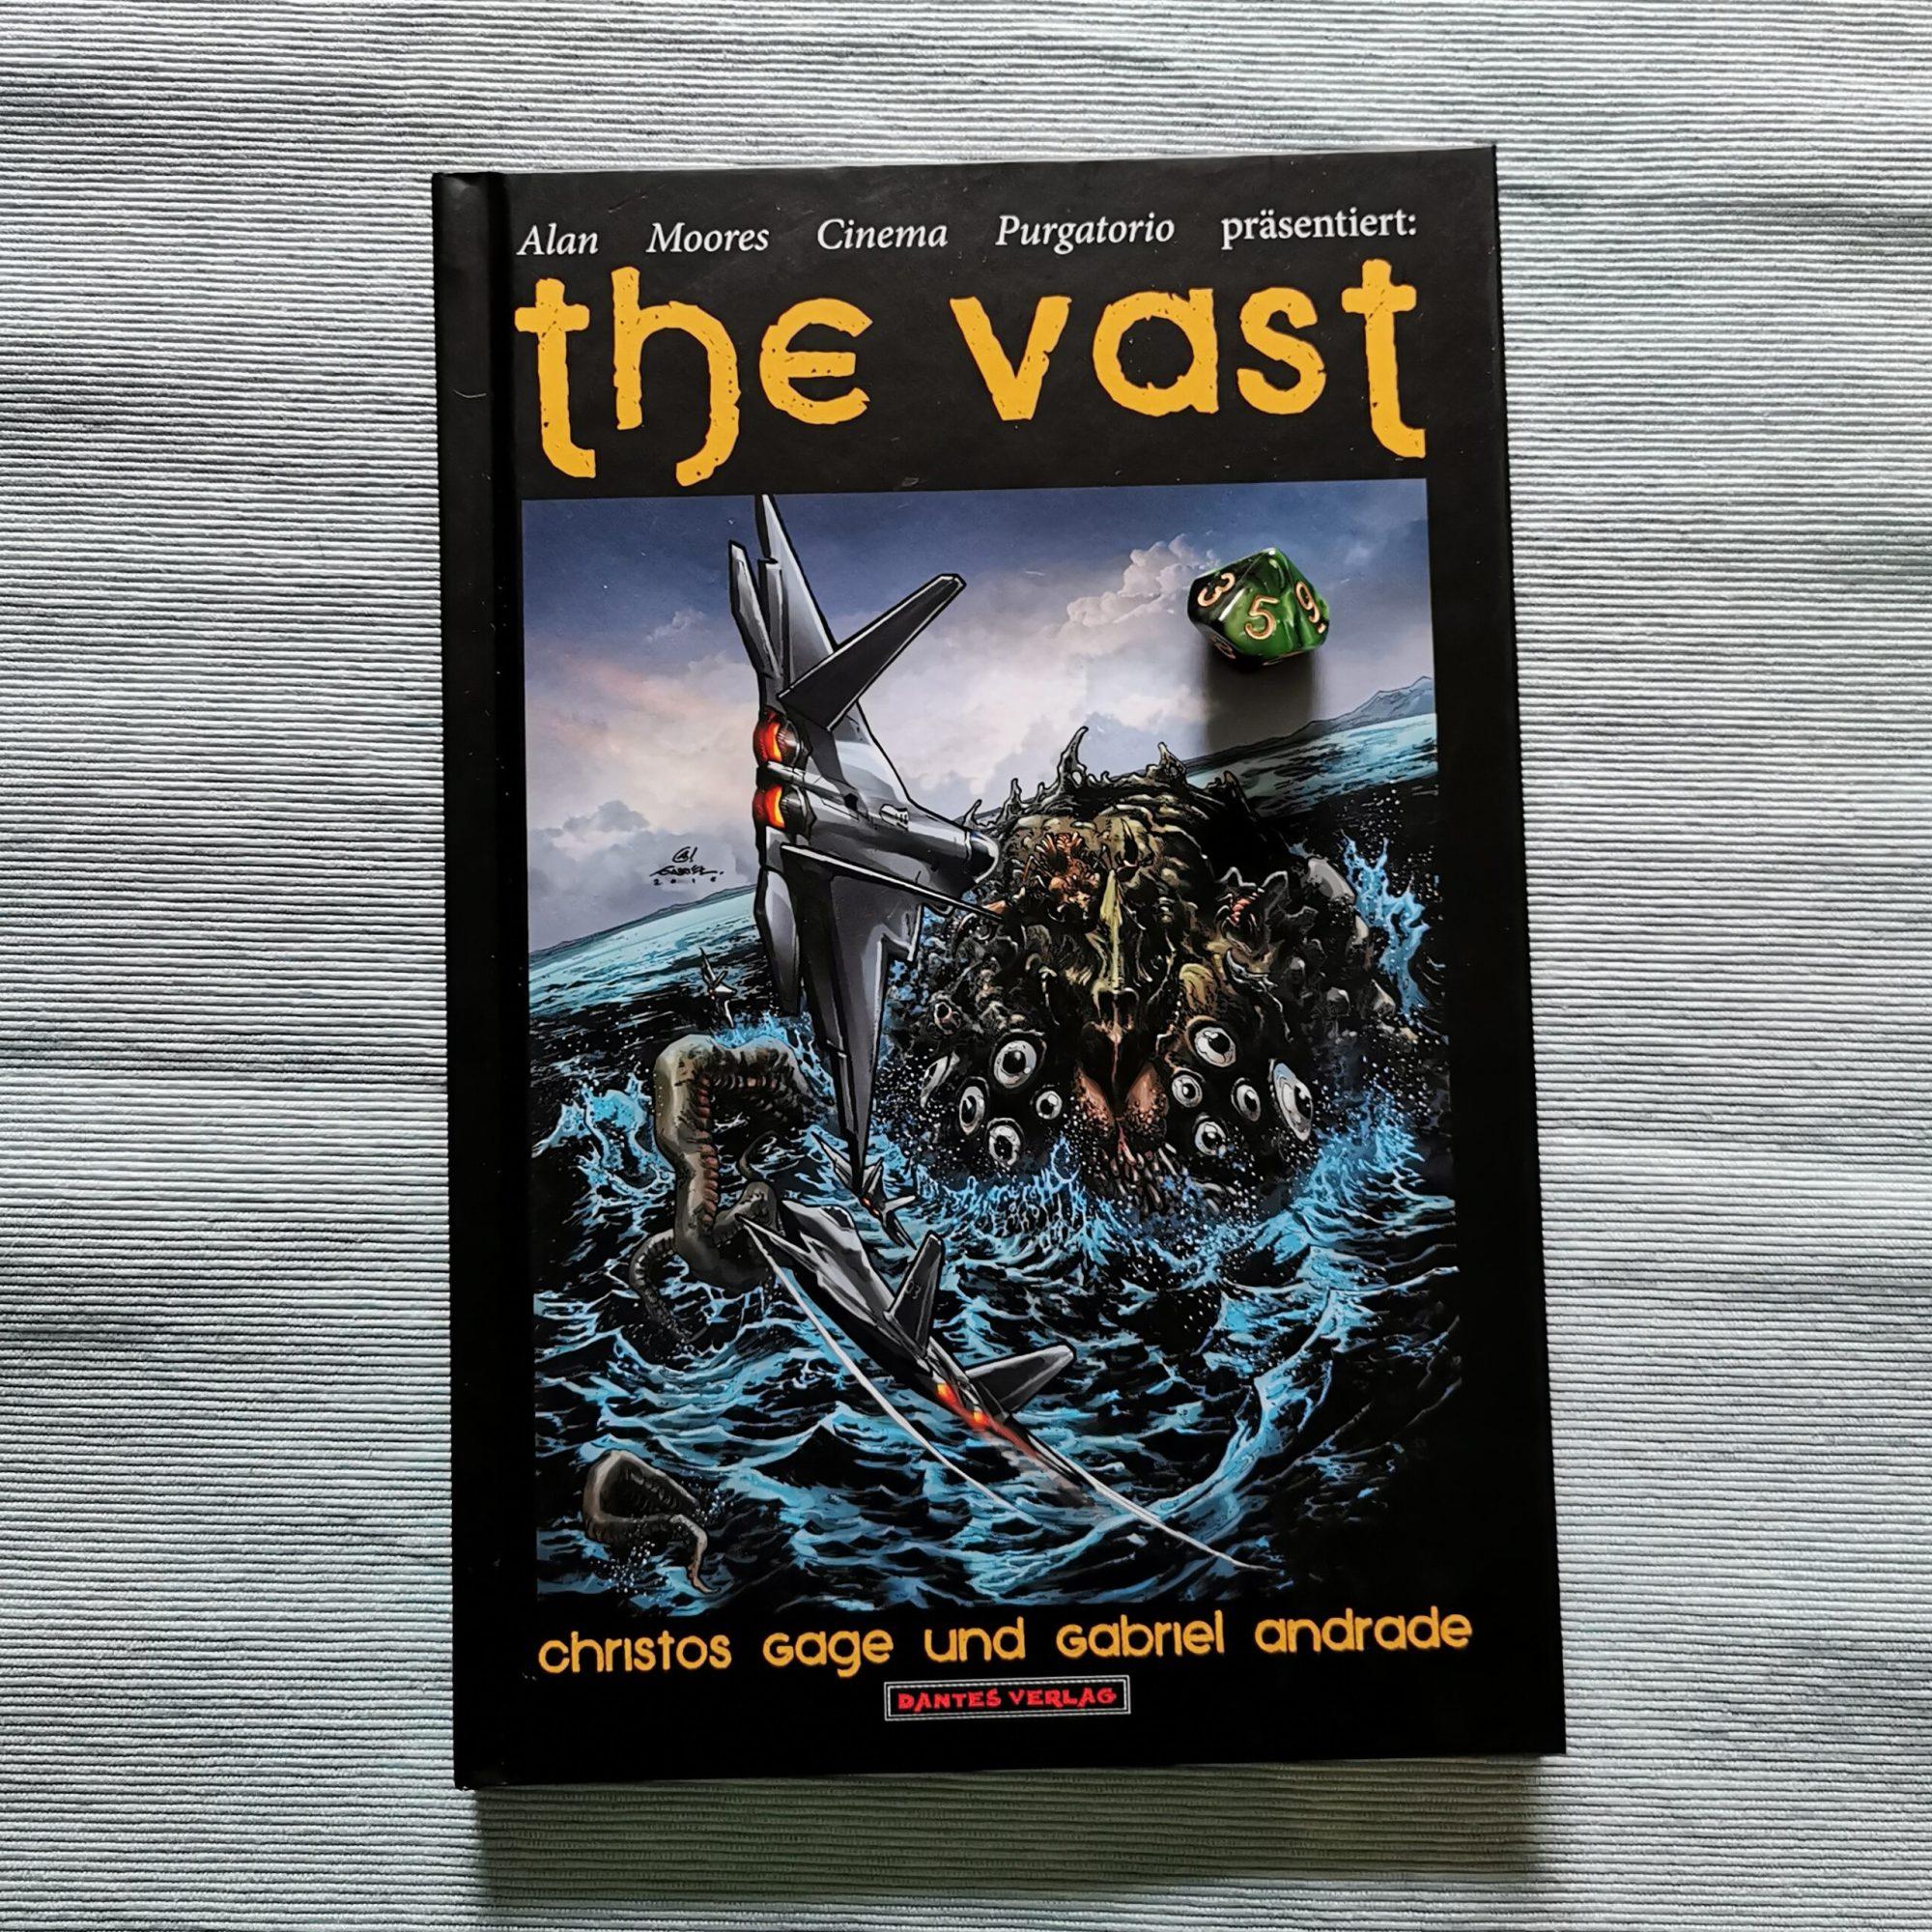 The Vast